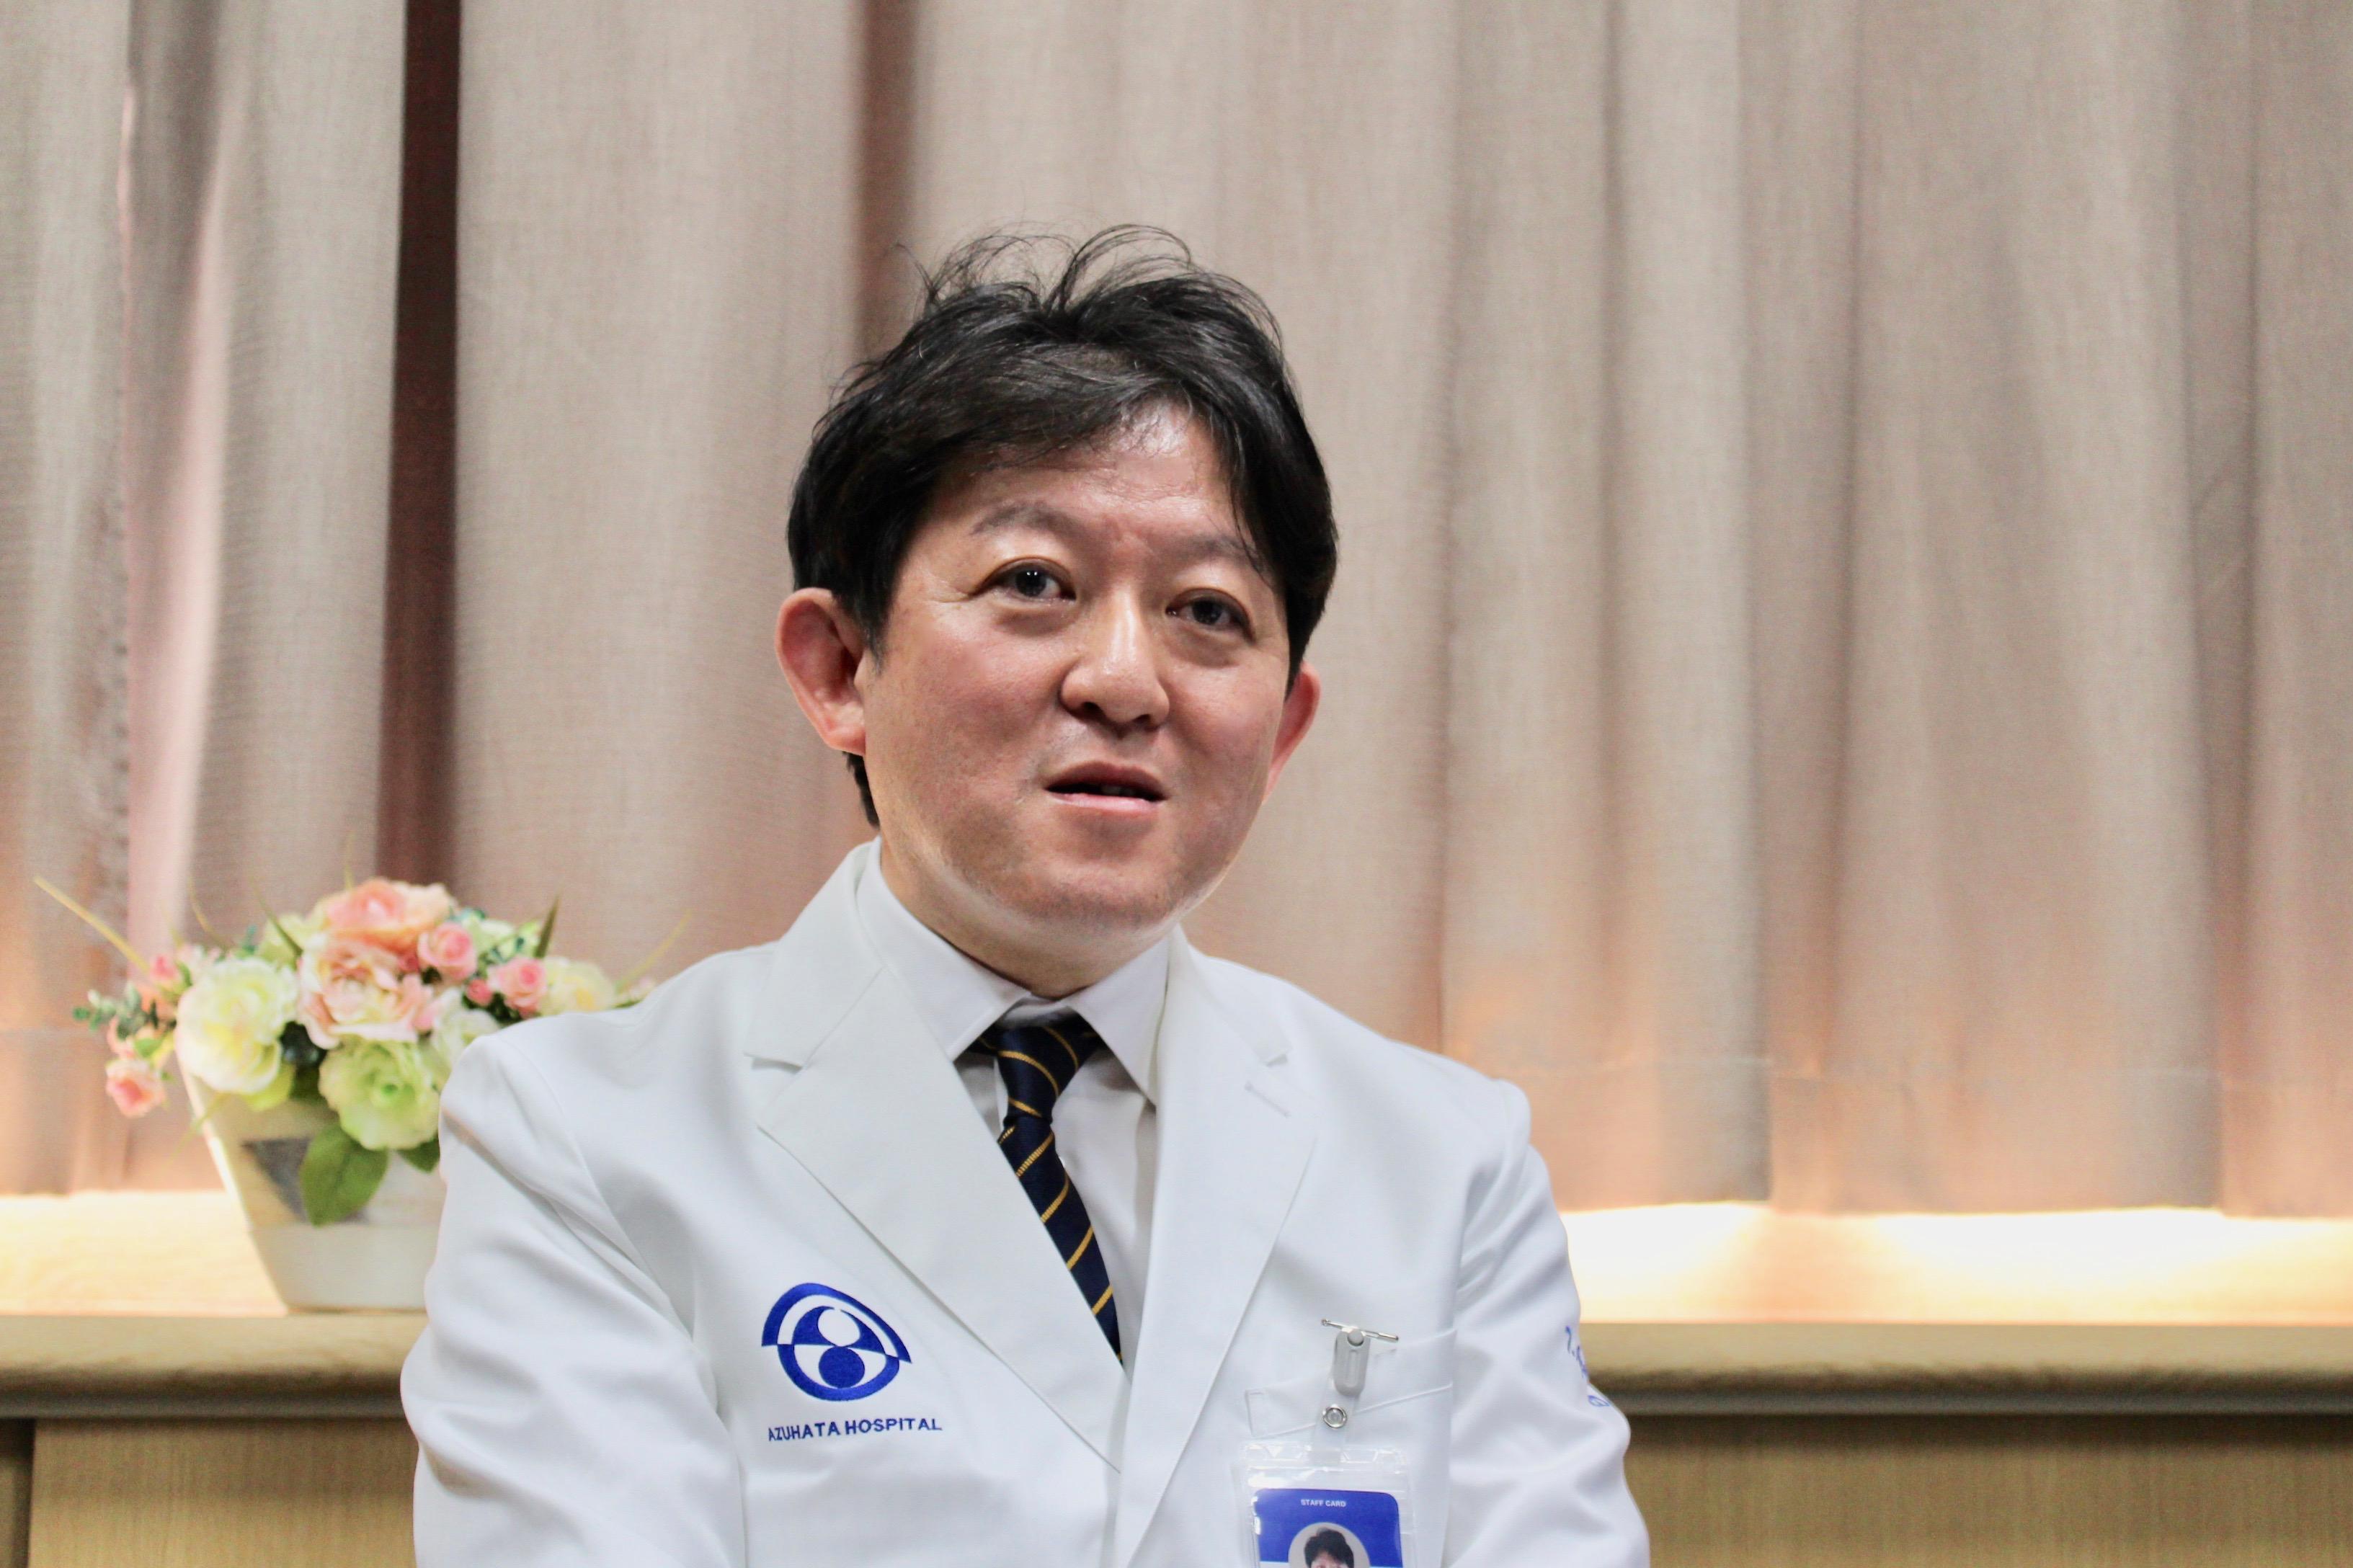 日本の高齢者救急医療の現状と課題――在宅と救急の連携に向けた取り組み